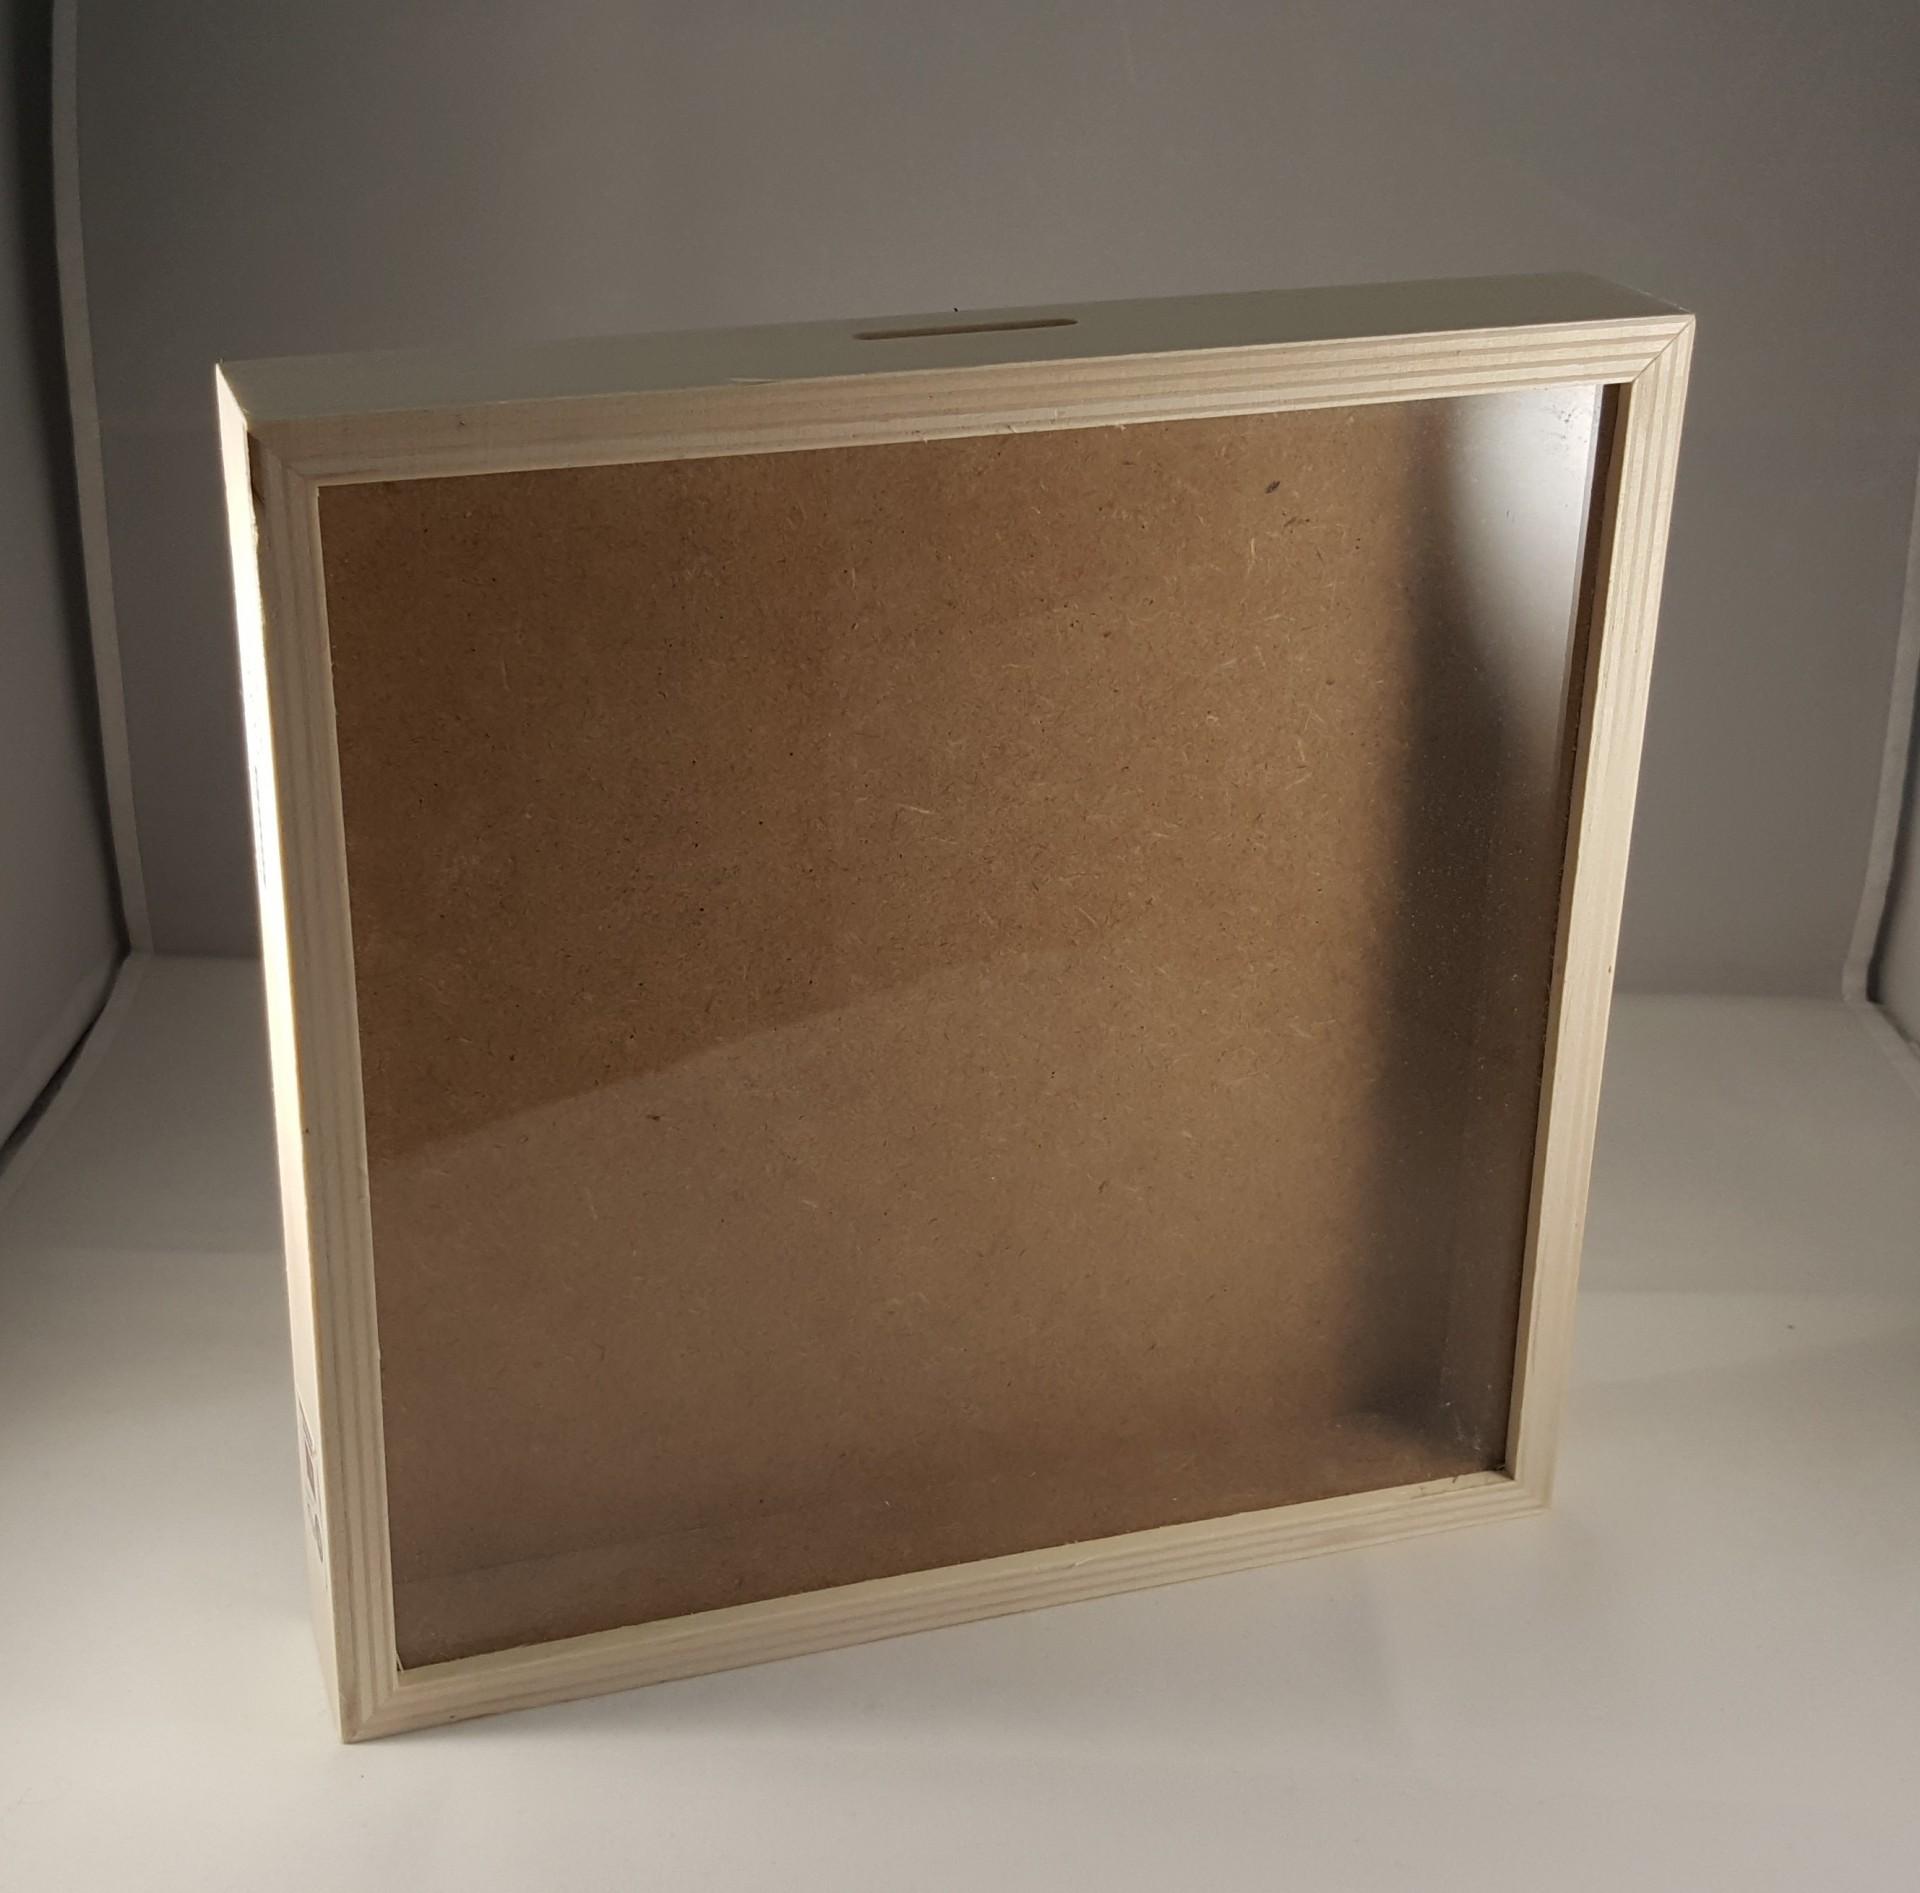 Caixa Mealheiro quadrada grande 25 x 25 cm